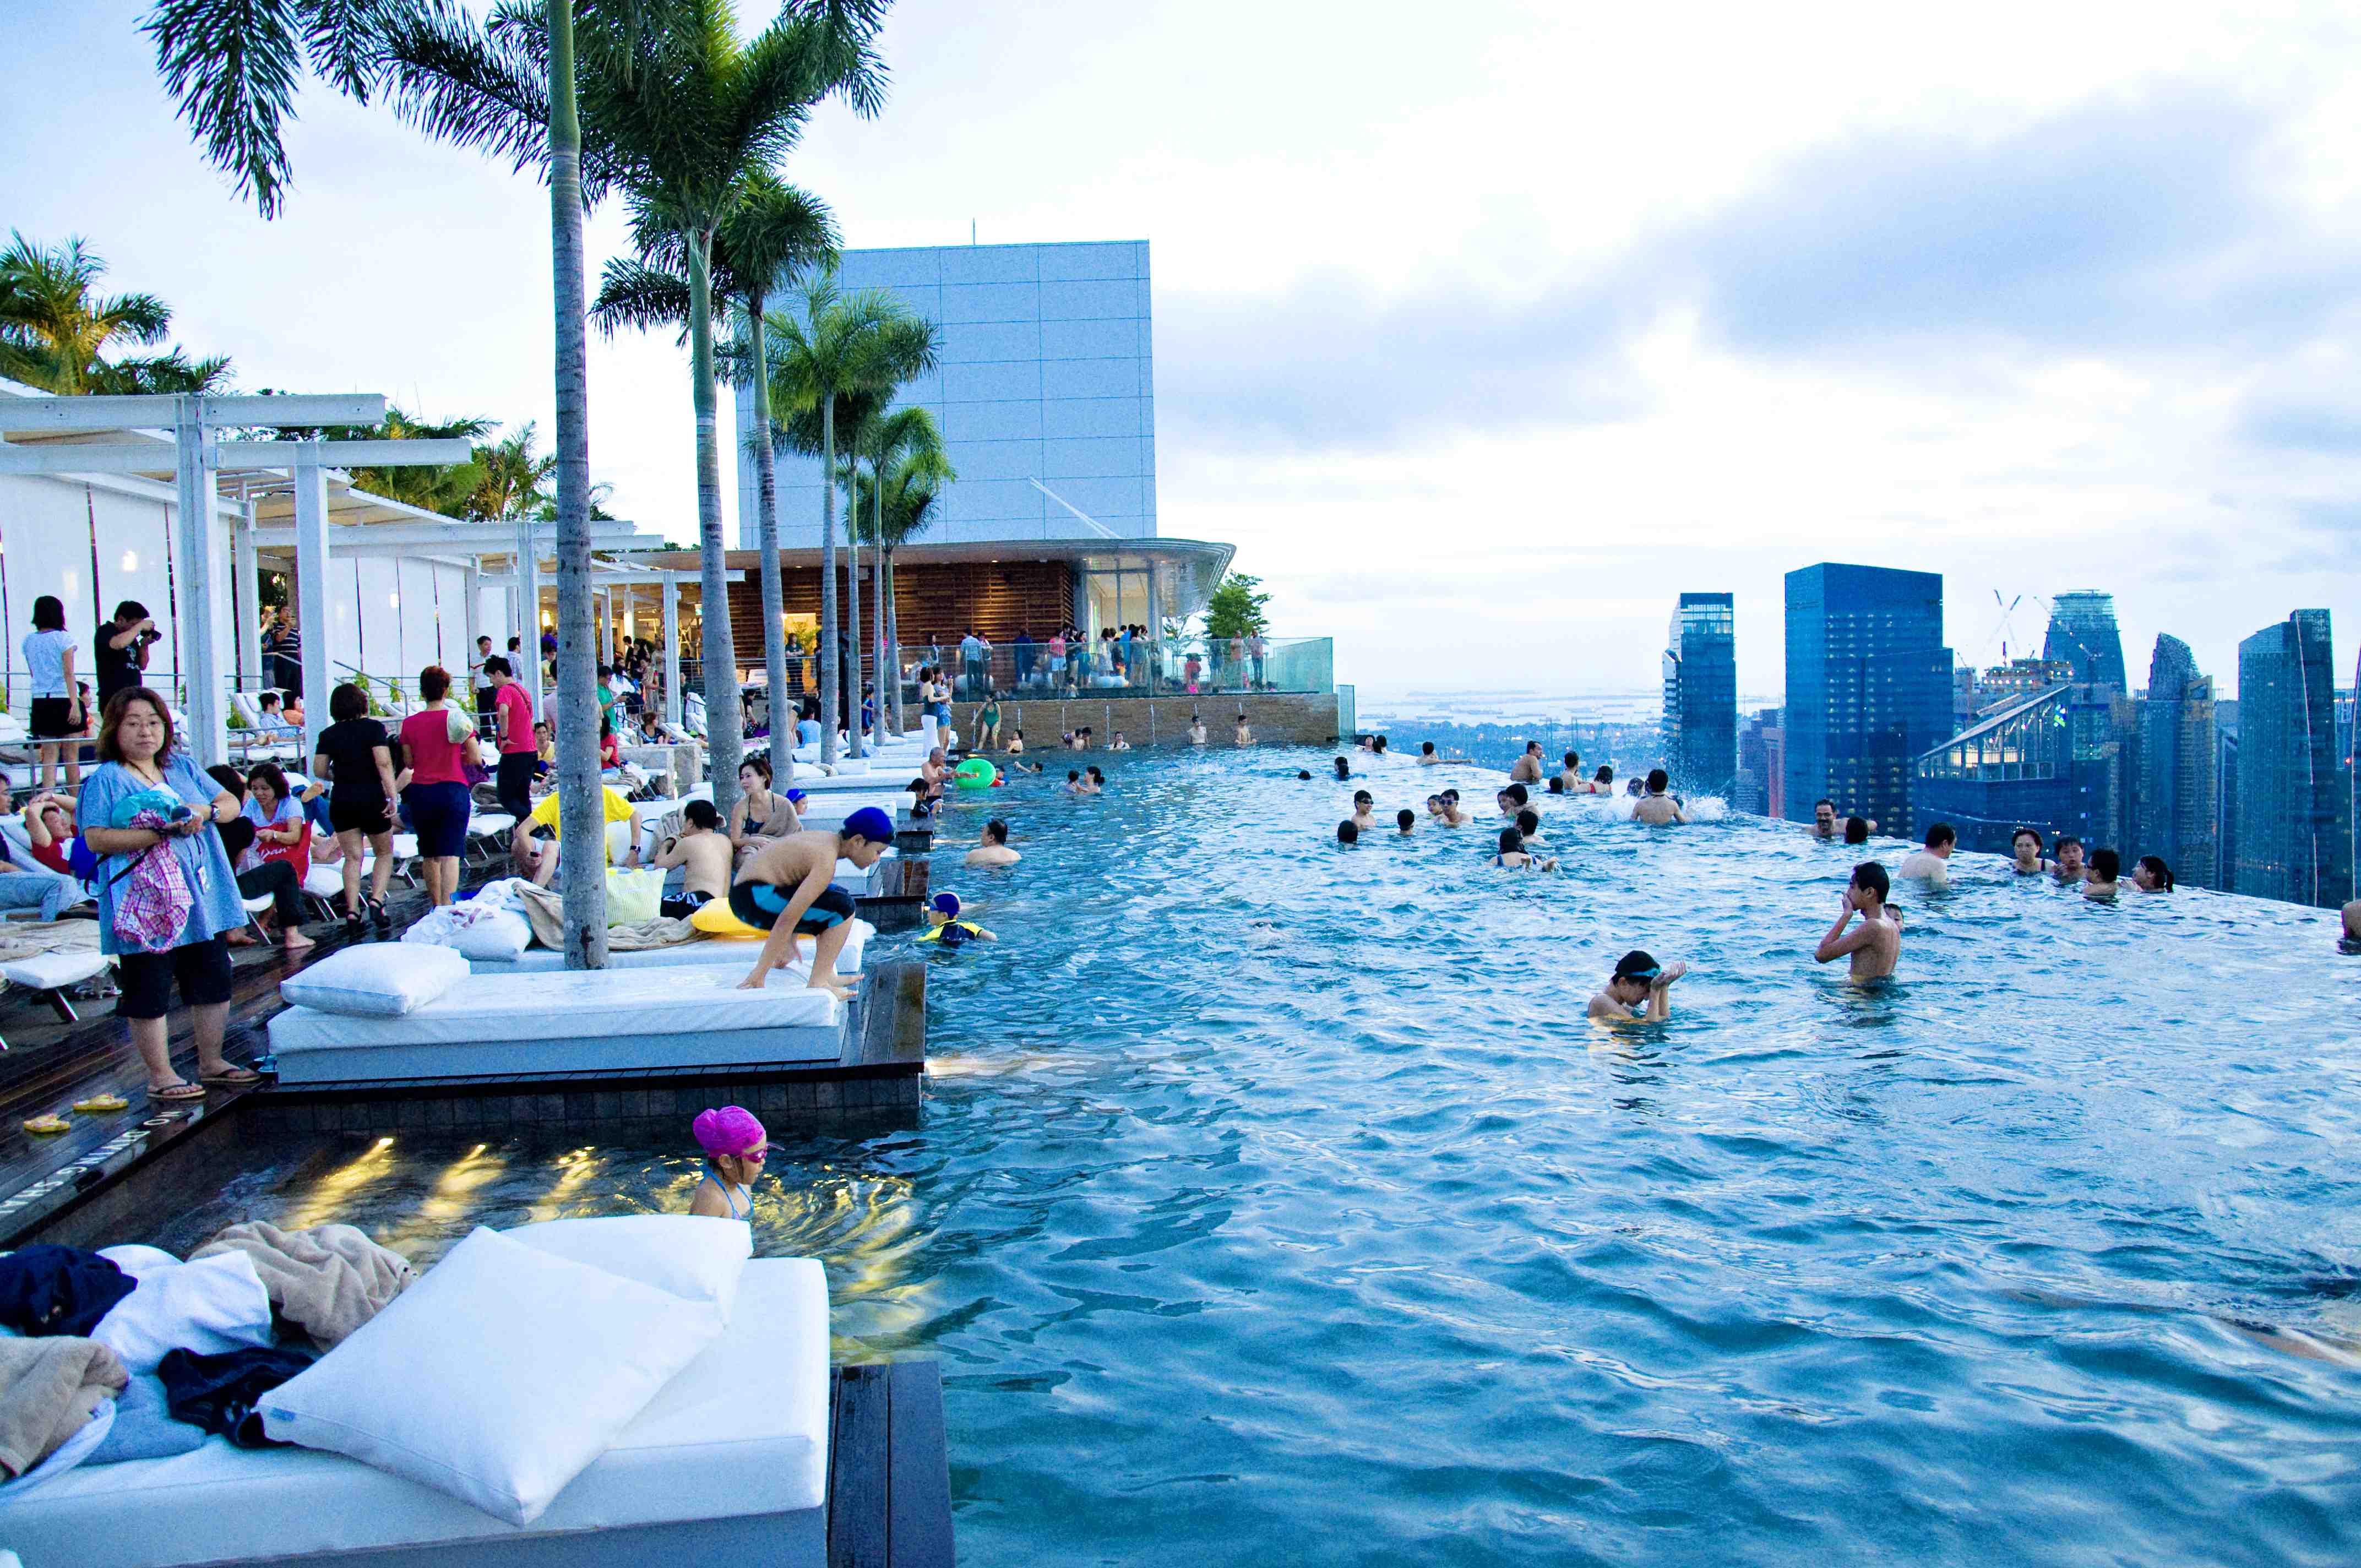 """Бассейн на 57 этаже в отеле """"марина бэй сэндс"""" в сингапуре."""